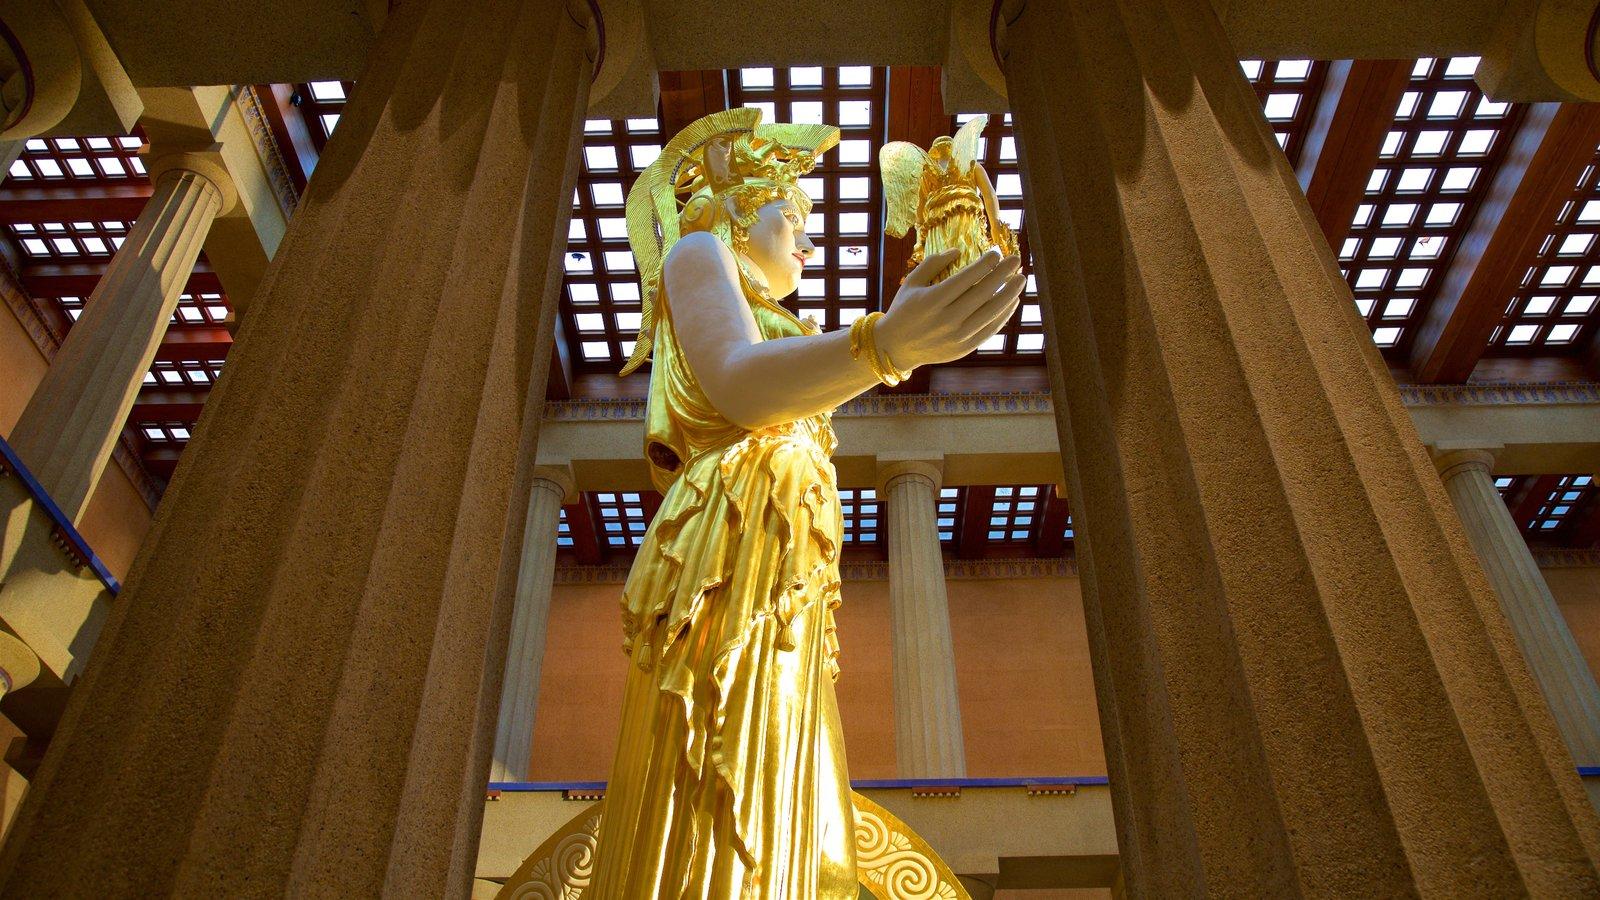 Parthenon ofreciendo elementos del patrimonio, vistas interiores y una estatua o escultura